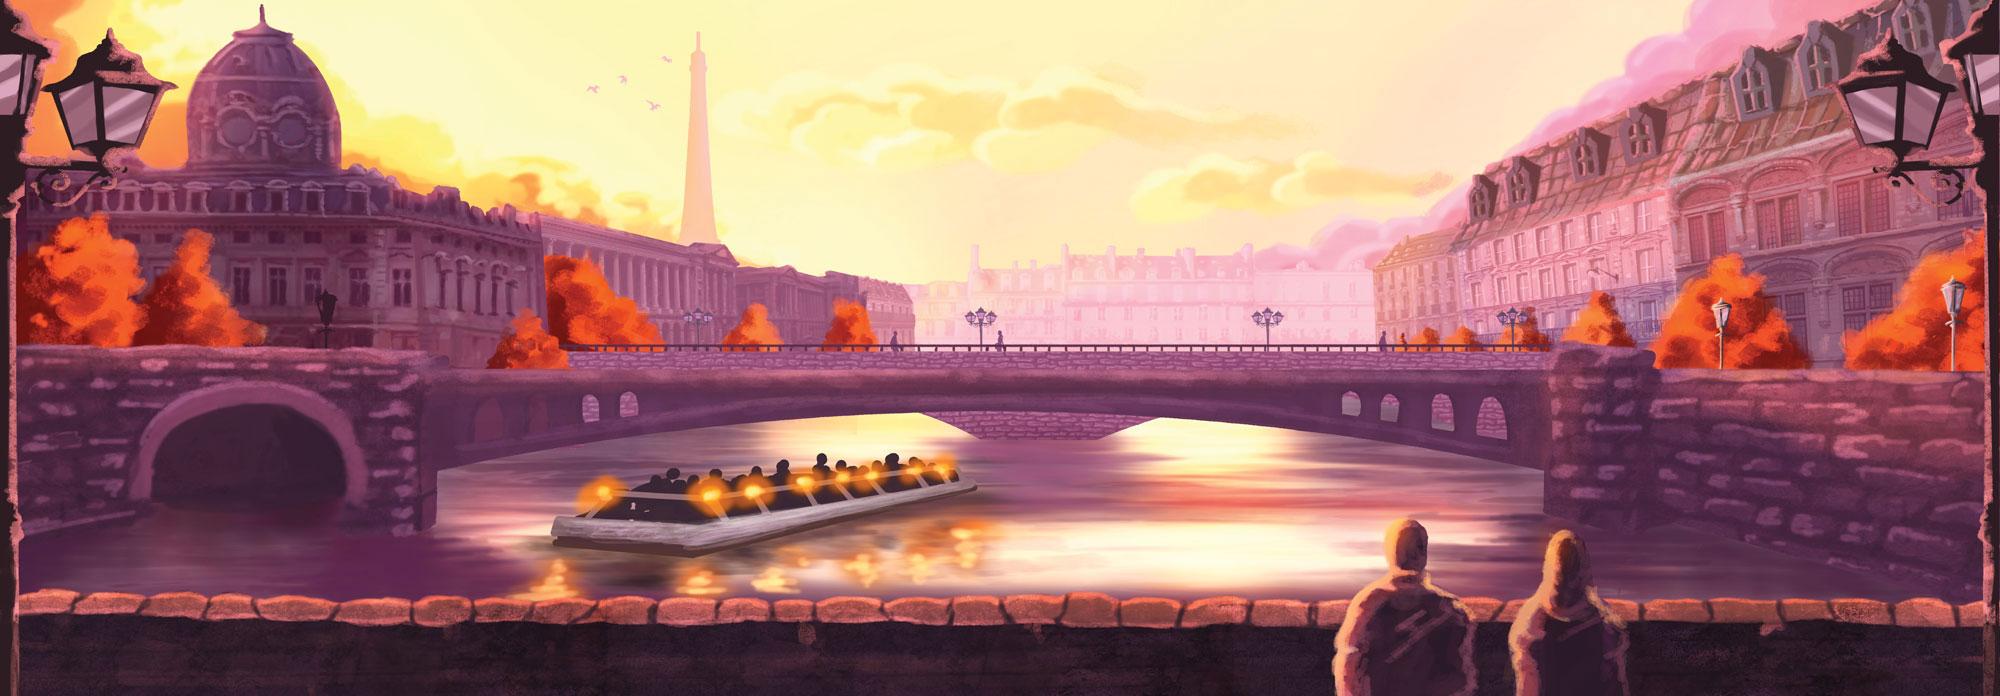 Cityscapes-Paris-vito di bari